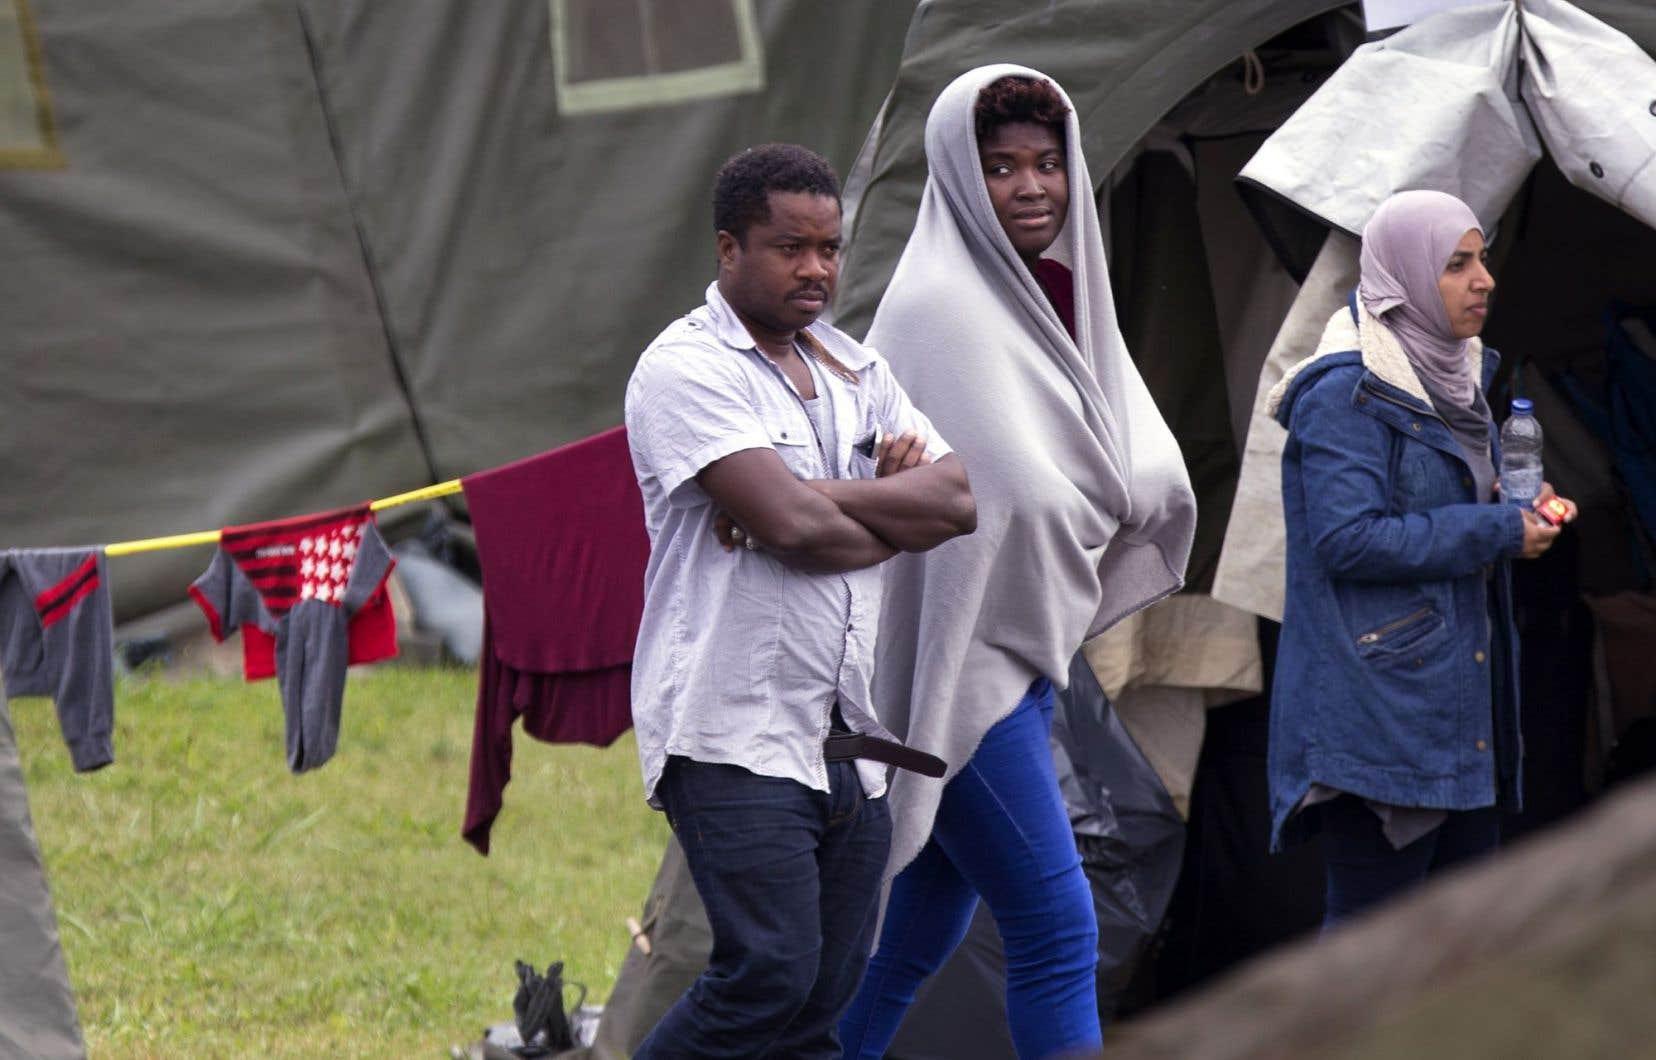 L'arrivée massive de demandeurs d'asile au cours des derniers mois a entraîné d'importants retards dans le traitement des demandes.